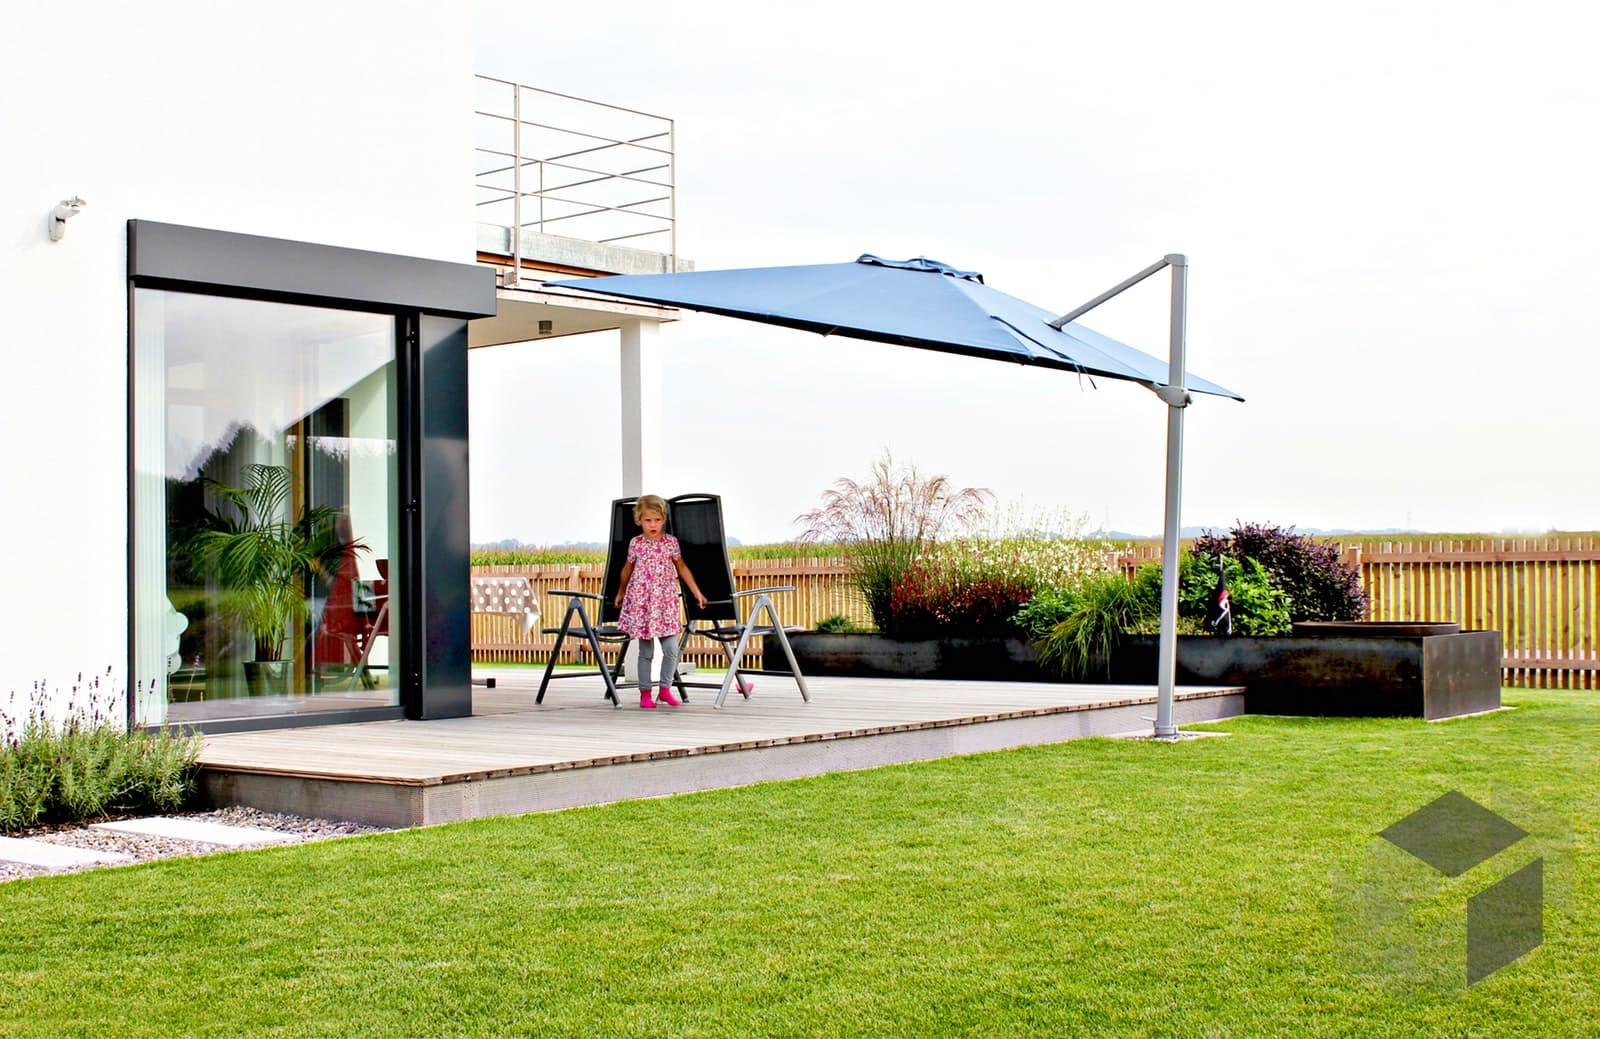 homestory 190 von lehner haus komplette daten bersicht. Black Bedroom Furniture Sets. Home Design Ideas